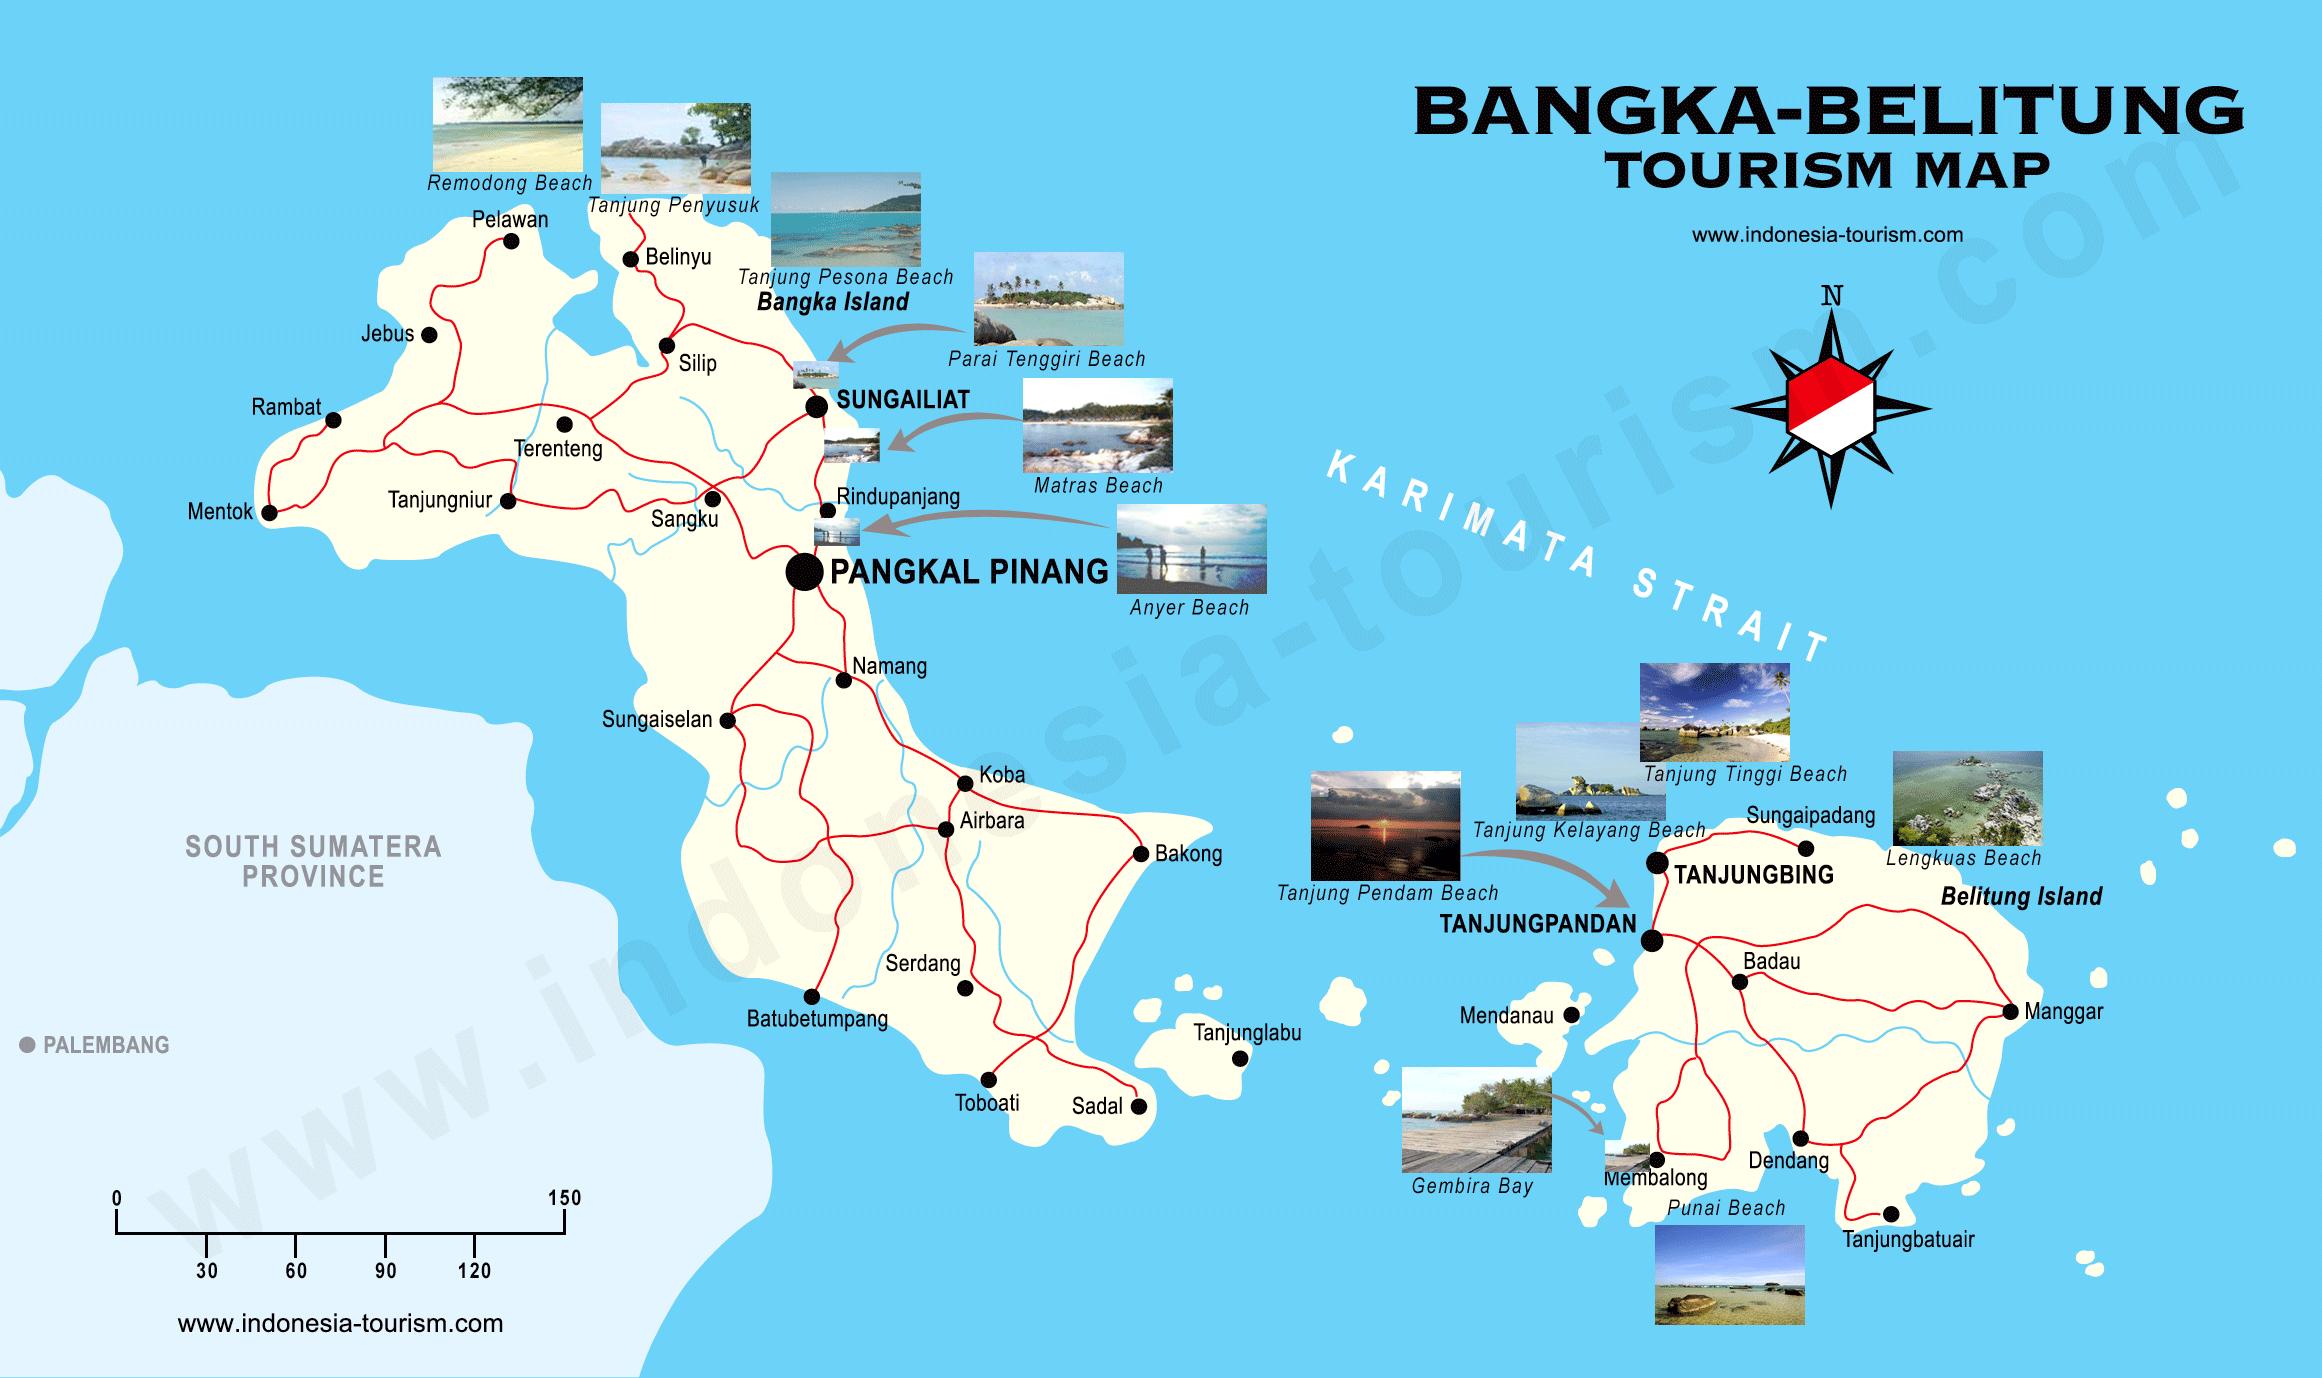 bangka-belitum islands map